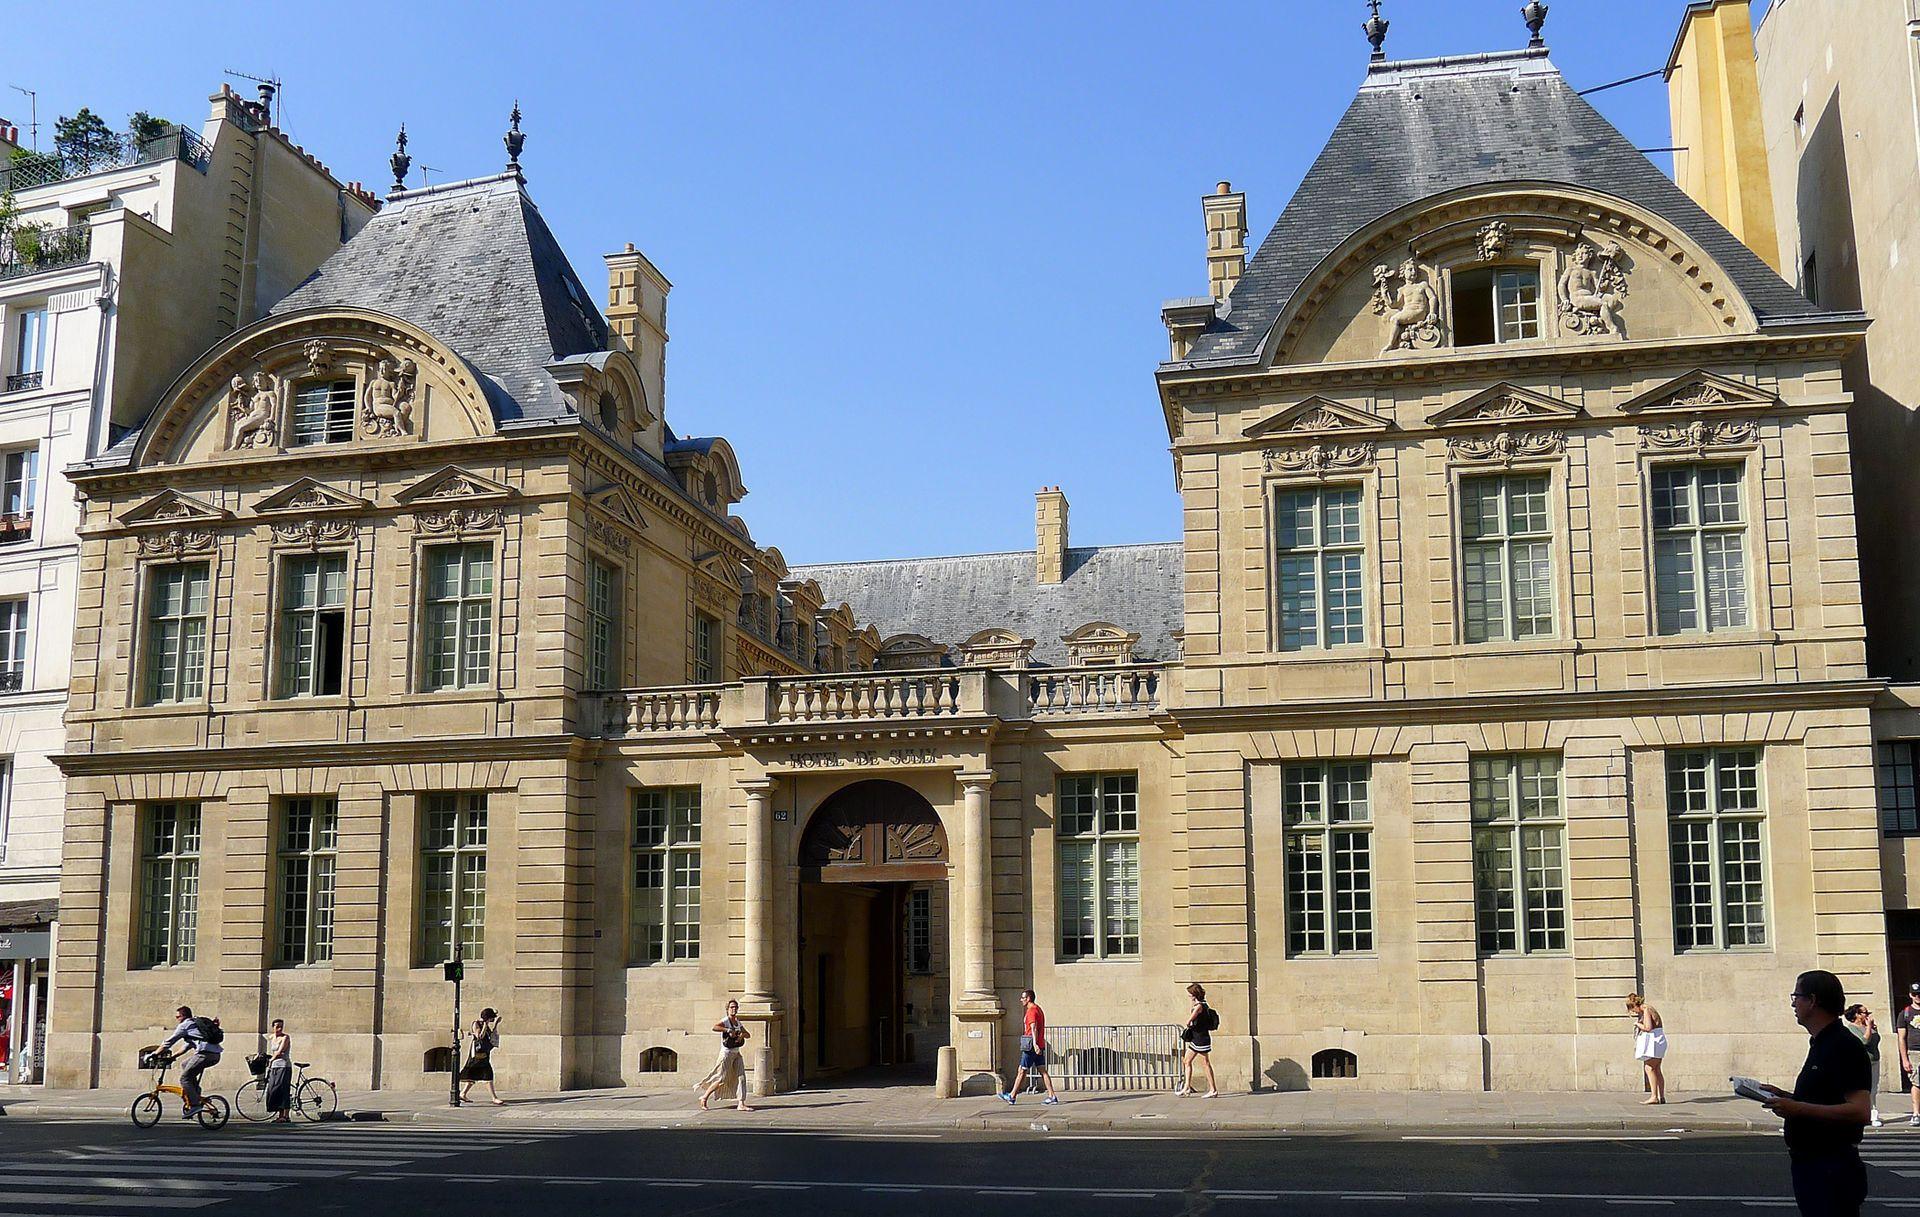 Nouveau Chambre De merce Paris Artamplitude